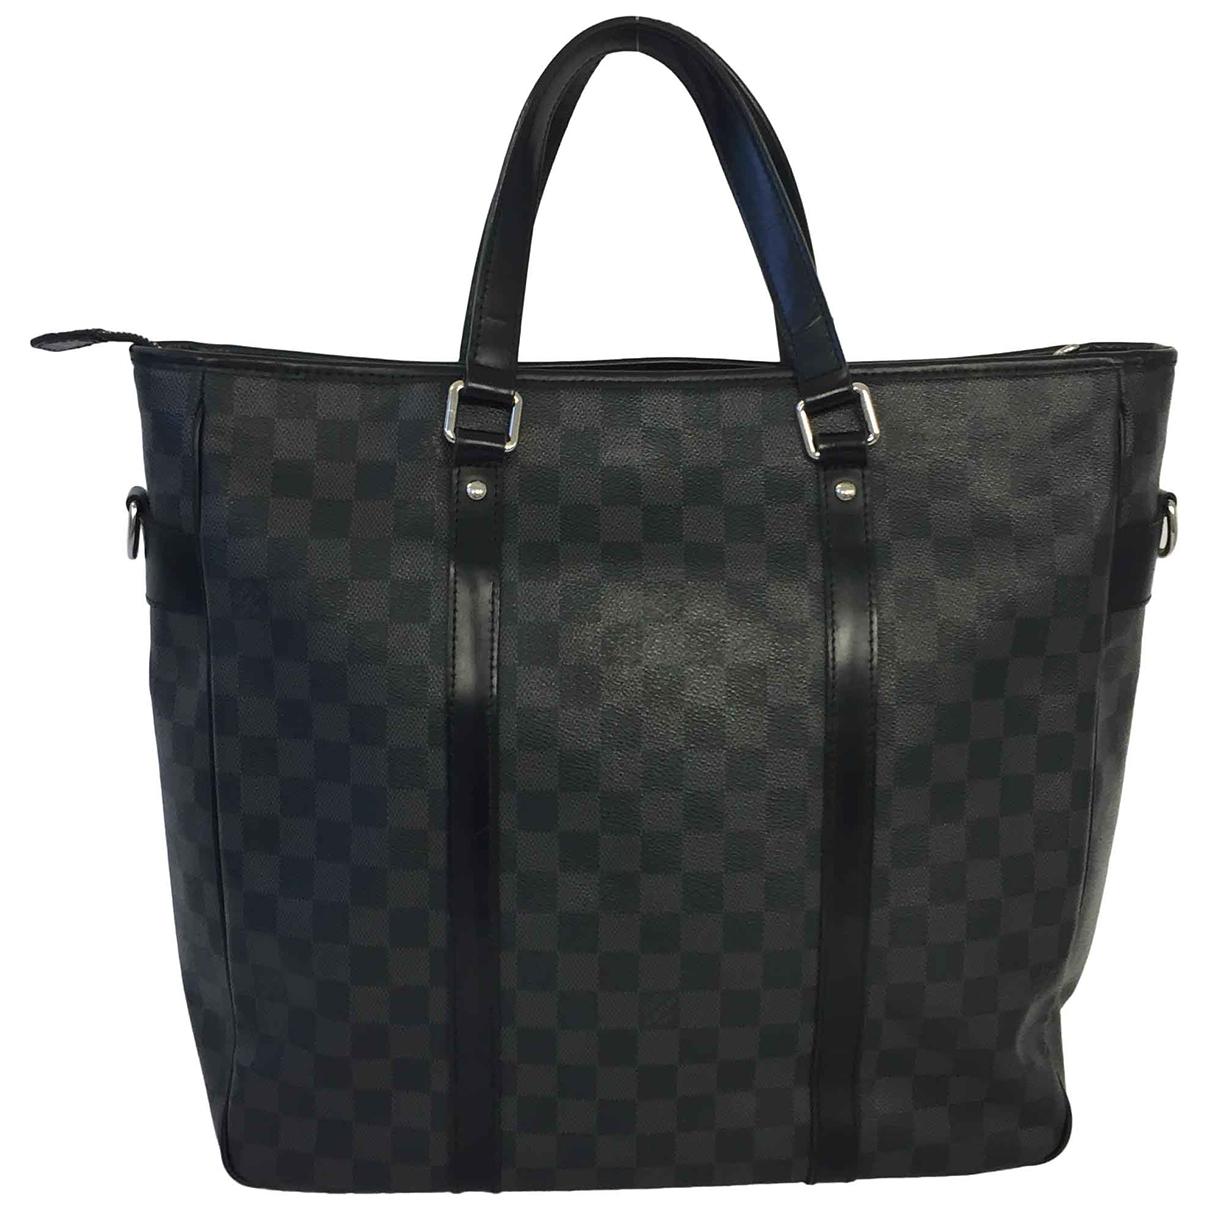 Louis Vuitton - Sac a main   pour femme en toile - noir